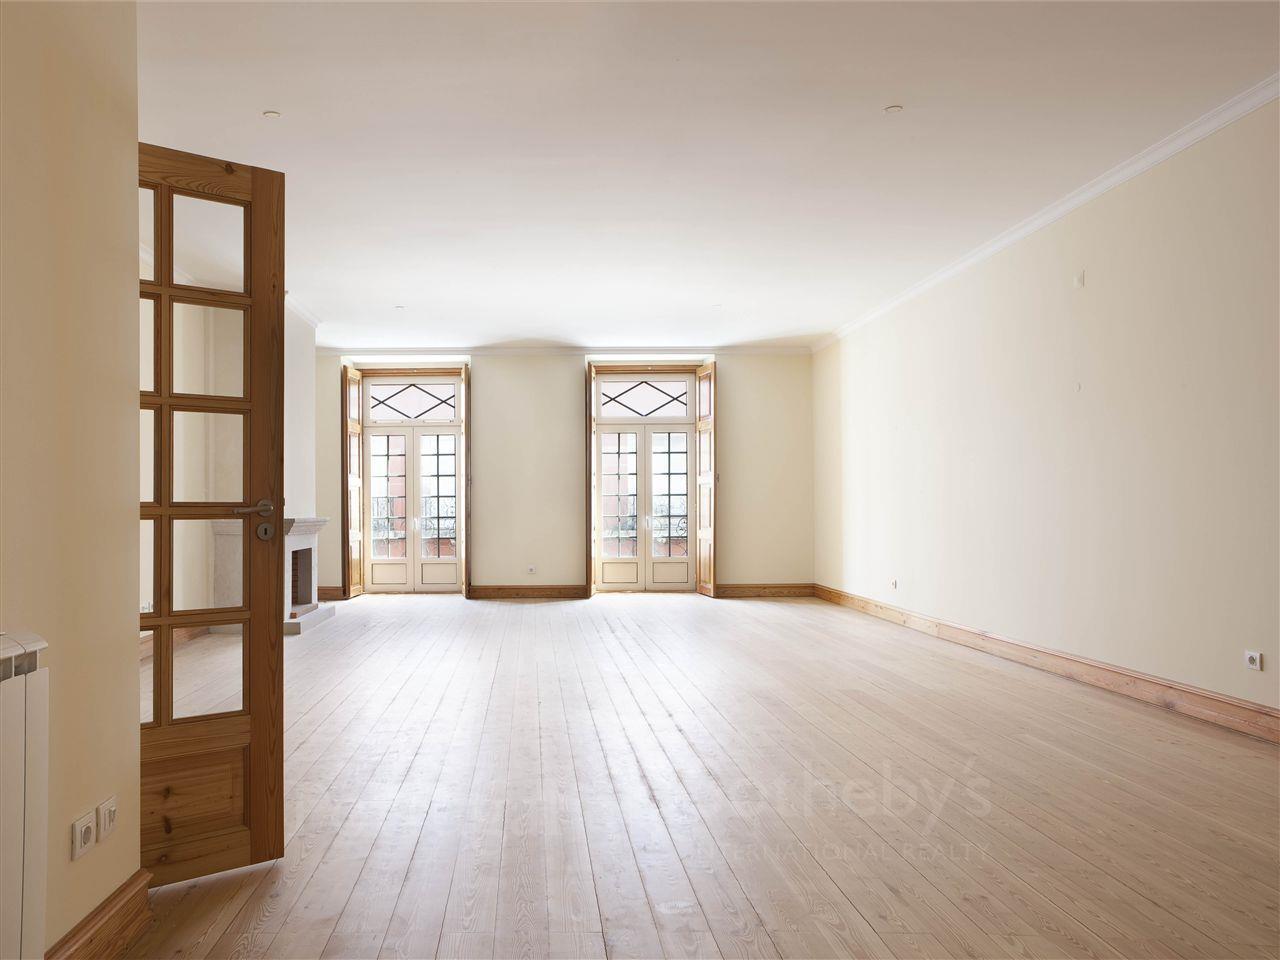 公寓 为 销售 在 Flat, 2 bedrooms, for Sale 葡京, 葡京, 1269-269 葡萄牙